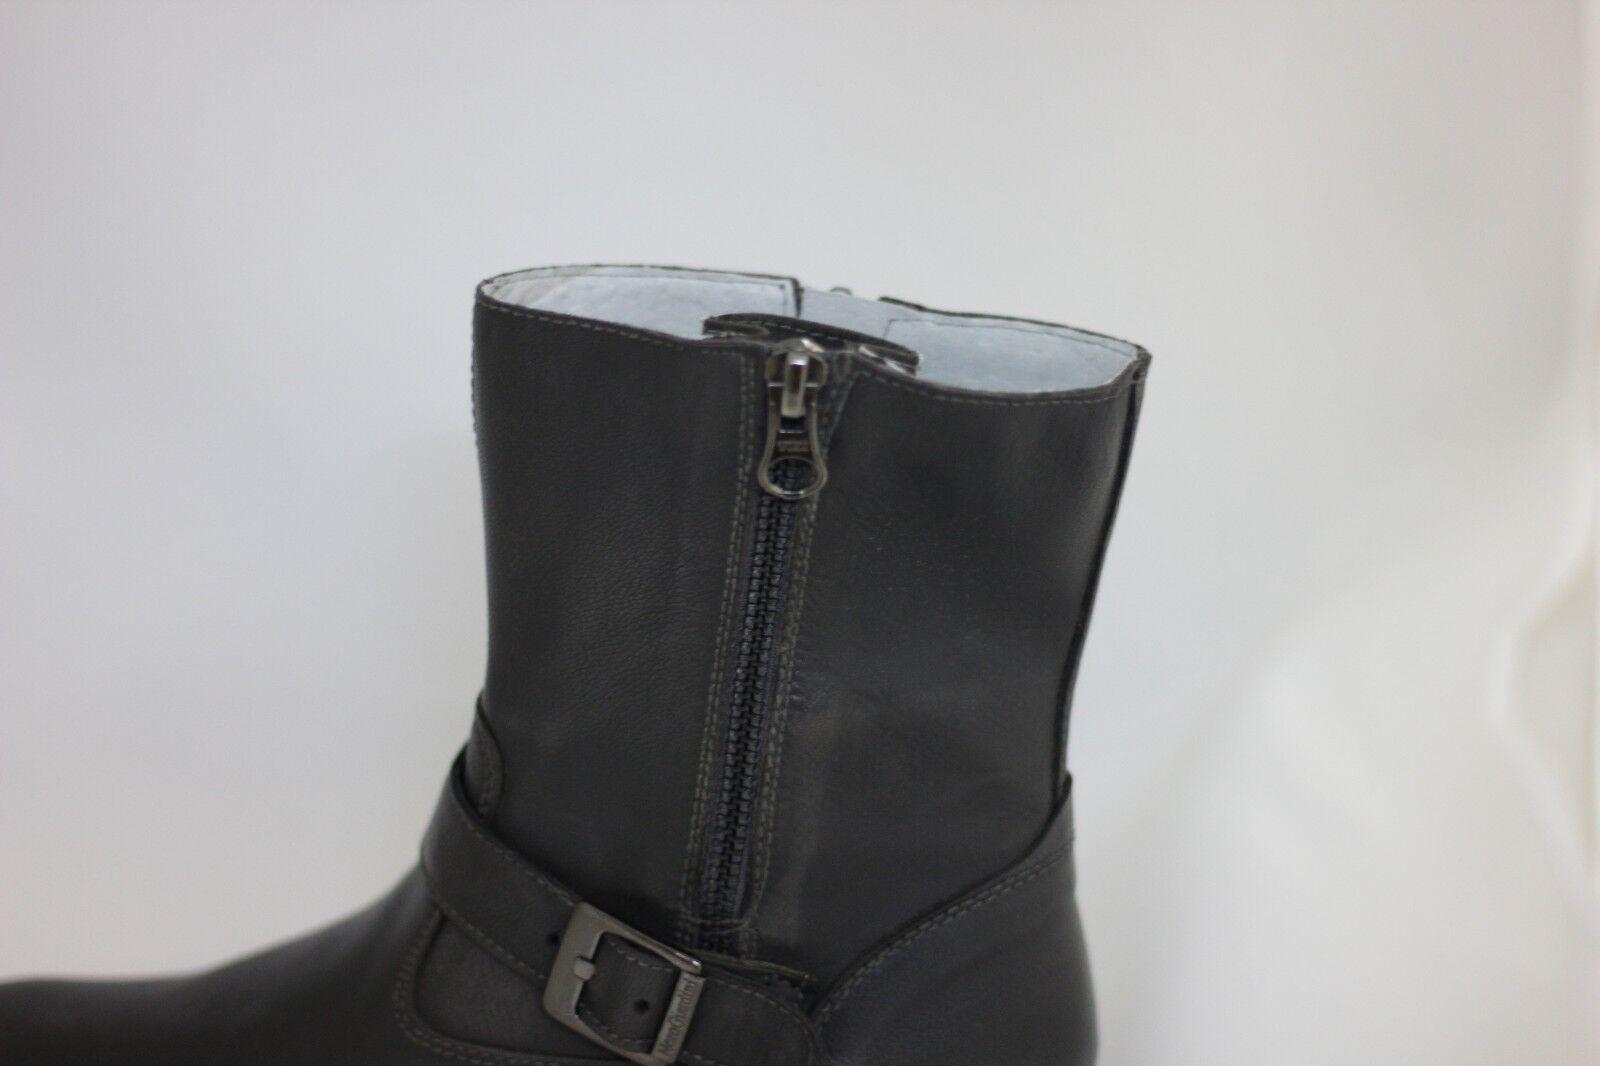 NERO GIARDINI Stivale Stivale Stivale tronchetto scarpa pelle donna nero 531202 35 saldi | Acquista  | Uomo/Donna Scarpa  014a0c